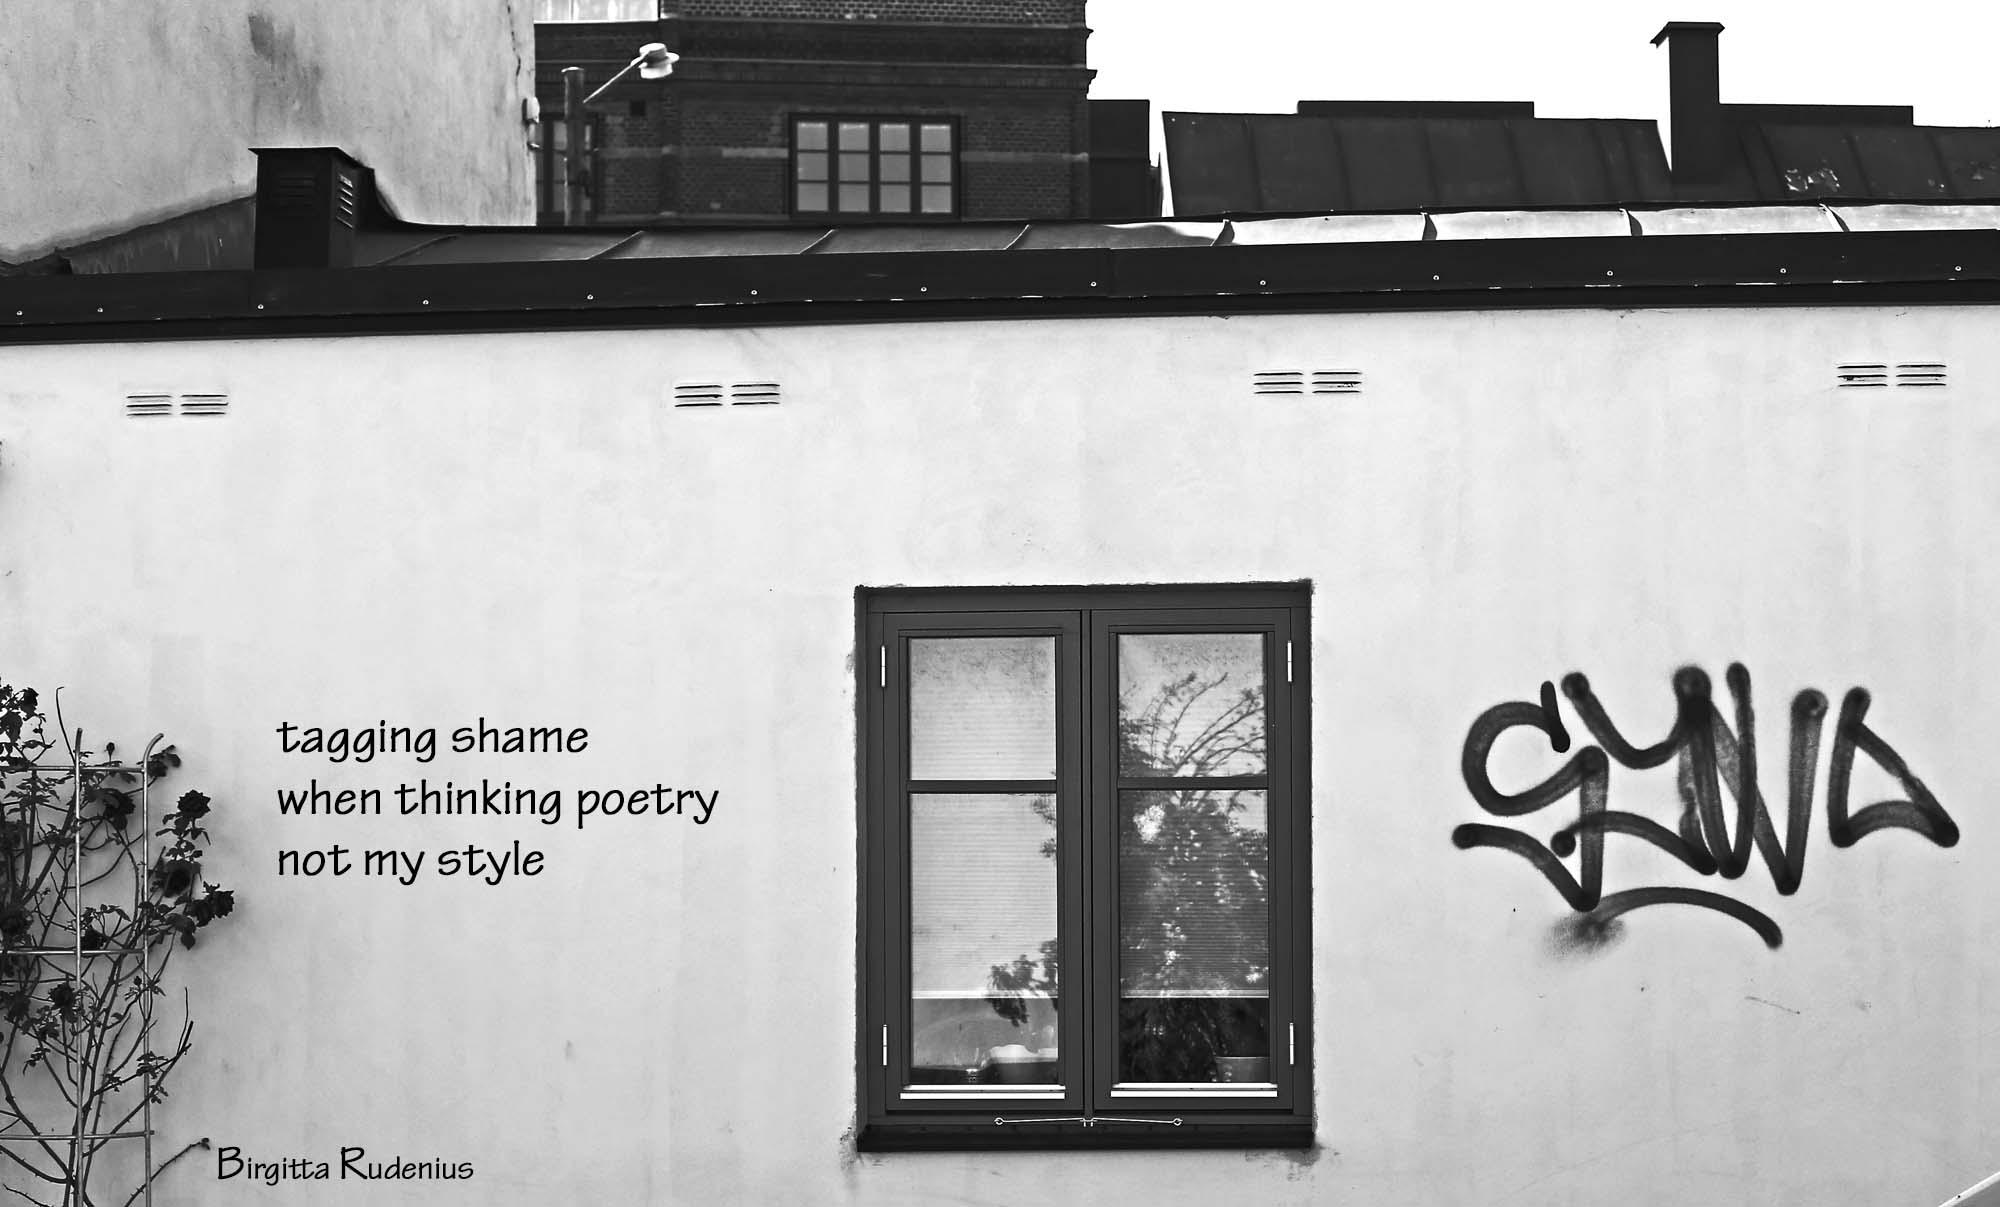 Pics and poetry ©Birgitta Rudenius